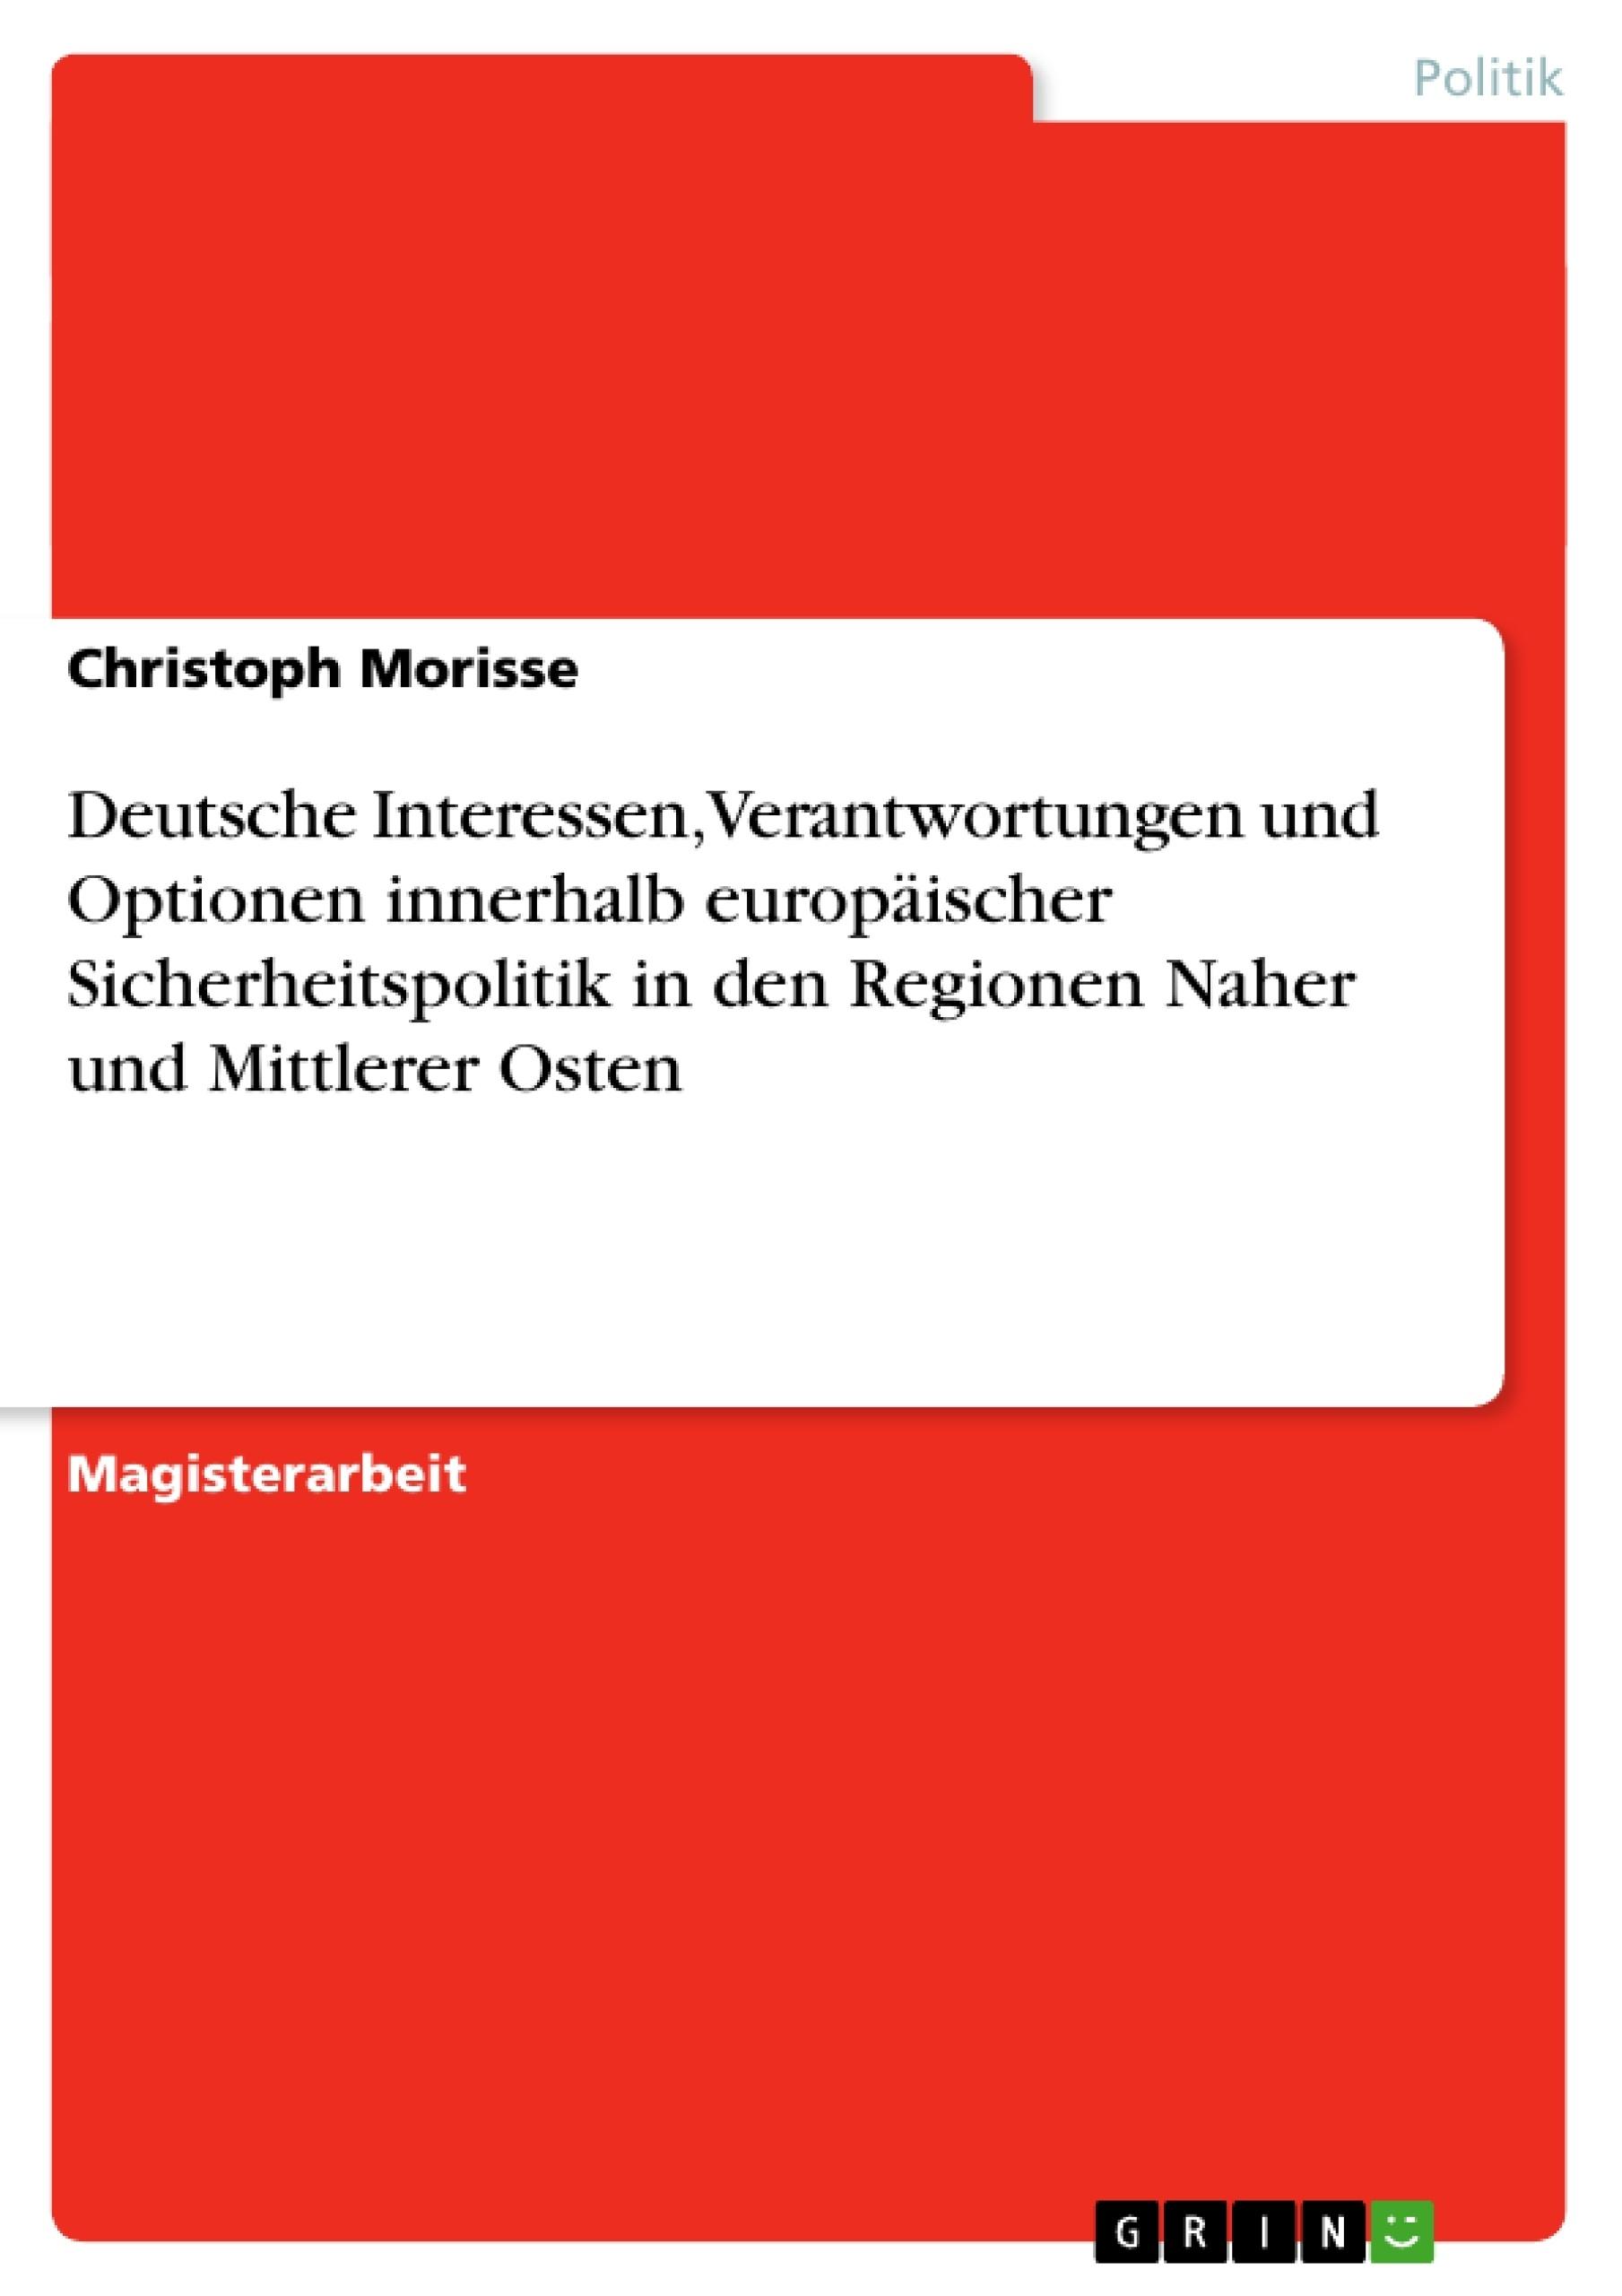 Titel: Deutsche Interessen, Verantwortungen und Optionen innerhalb europäischer Sicherheitspolitik in den Regionen Naher und Mittlerer Osten